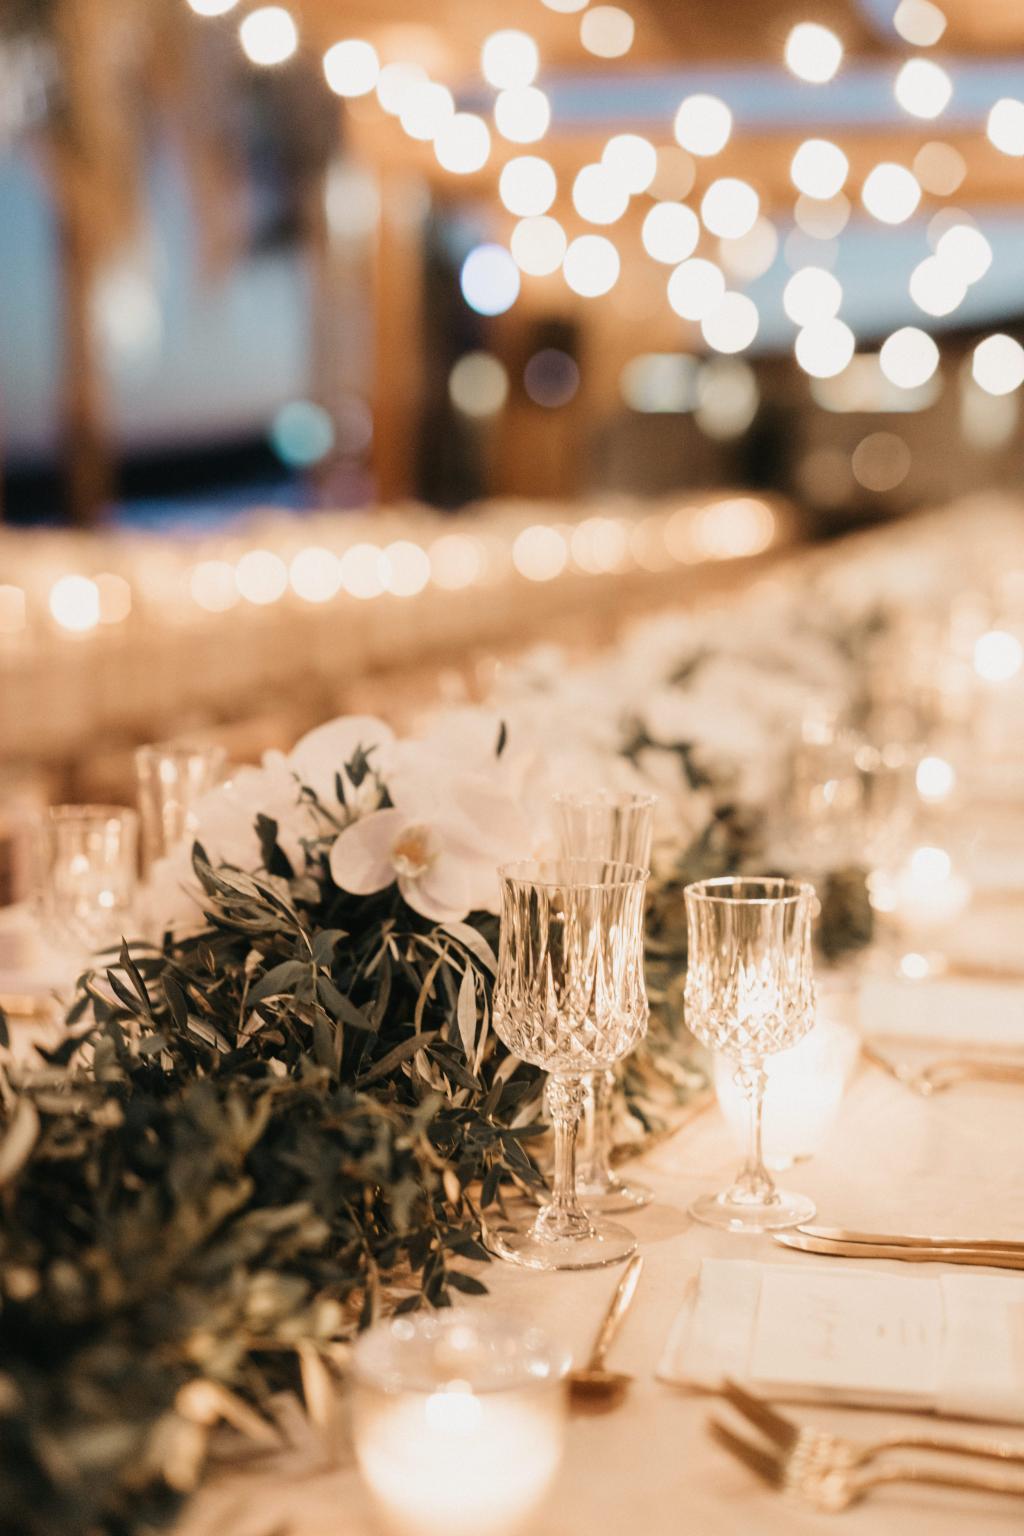 H&W Syros wedding - Image 20